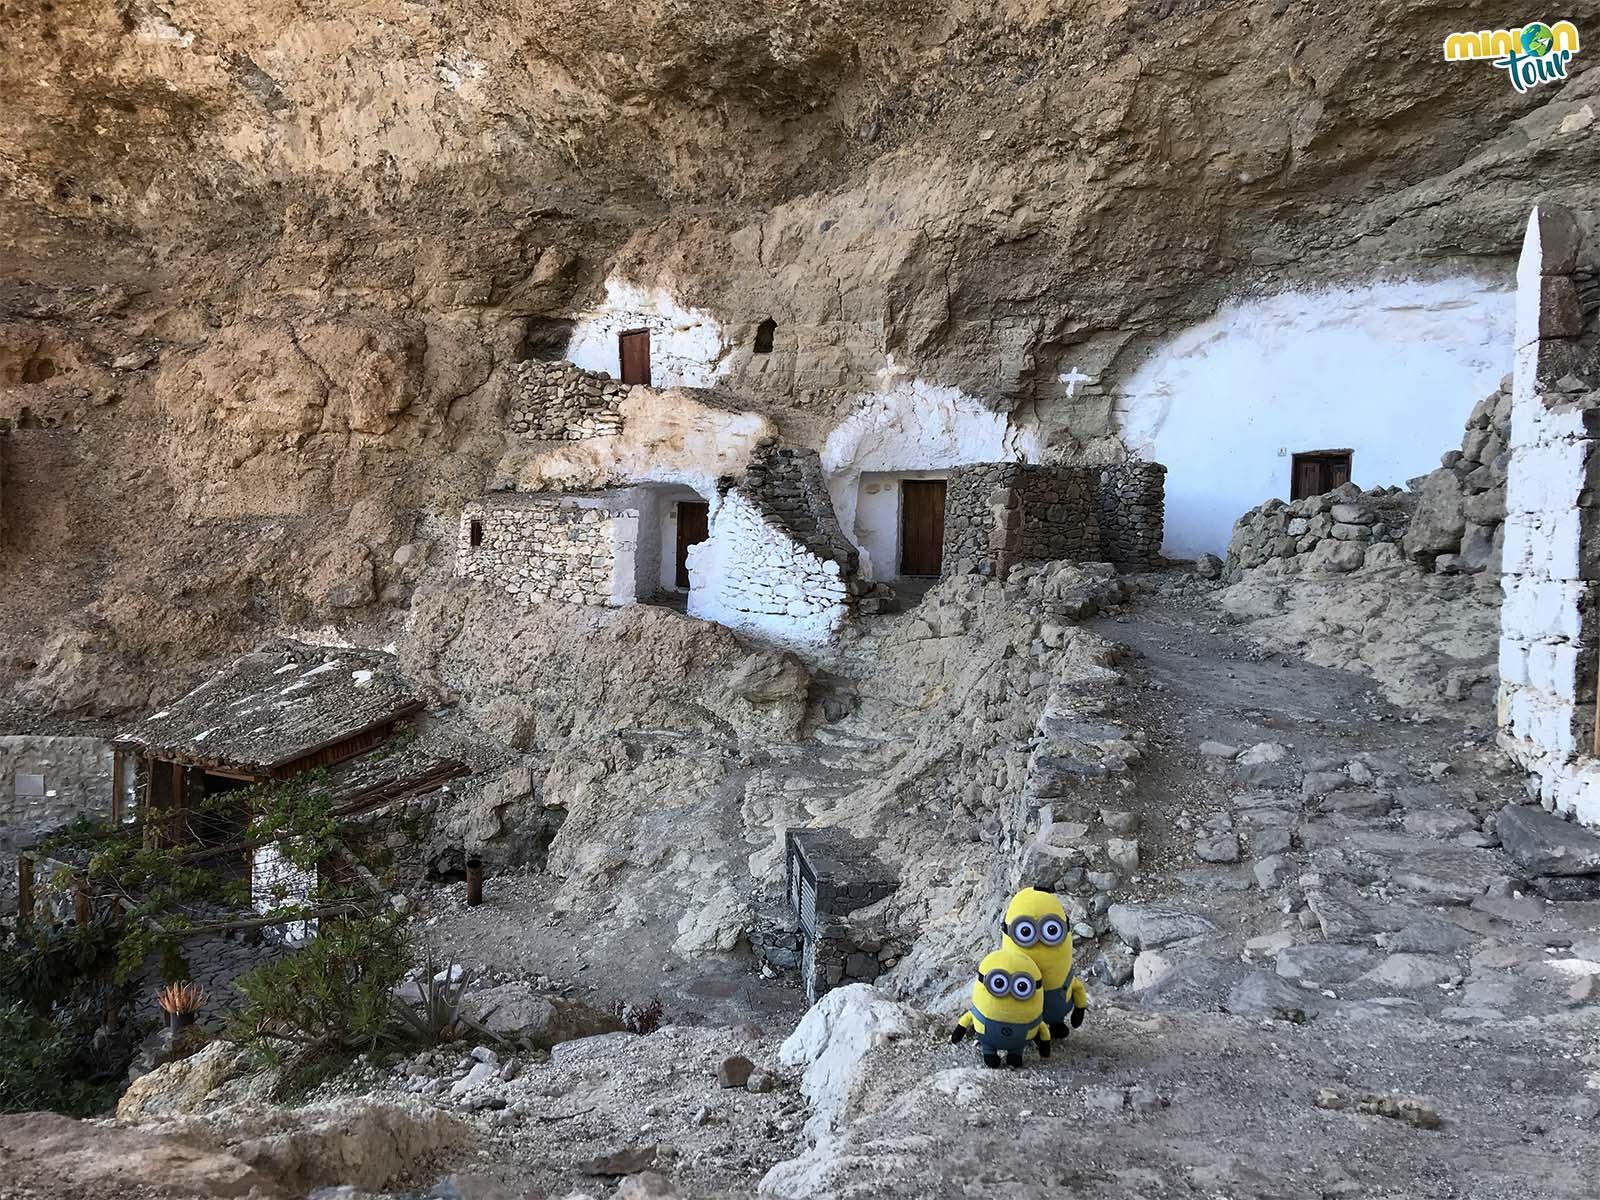 Casas cueva en Acusa Seca, parada obligatoria en una ruta por la GC-210